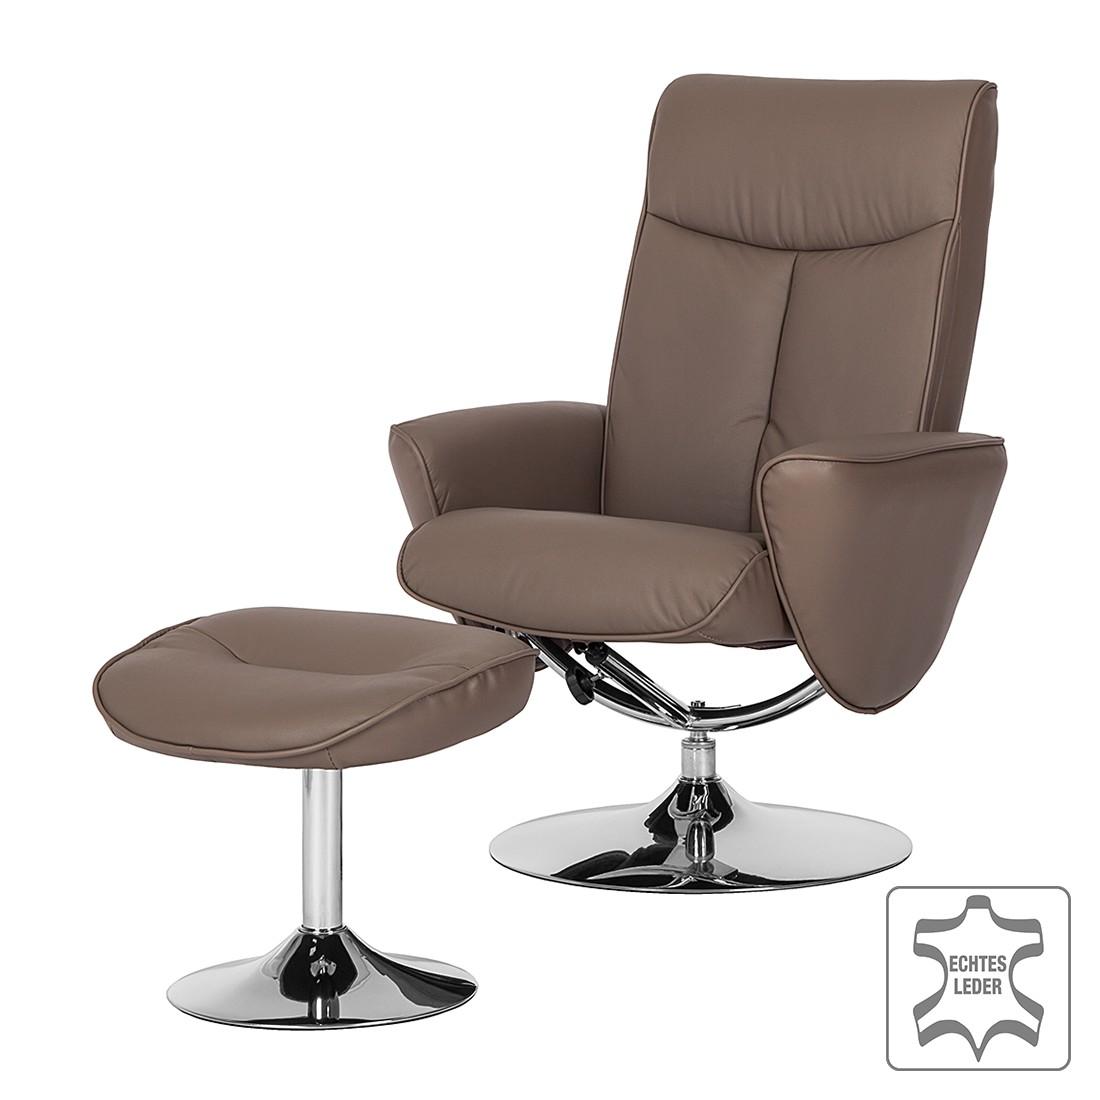 Relaxsessel Vincenzo (mit Hocker) - Echtleder Taupe, Modoform bei Home24 - Möbel